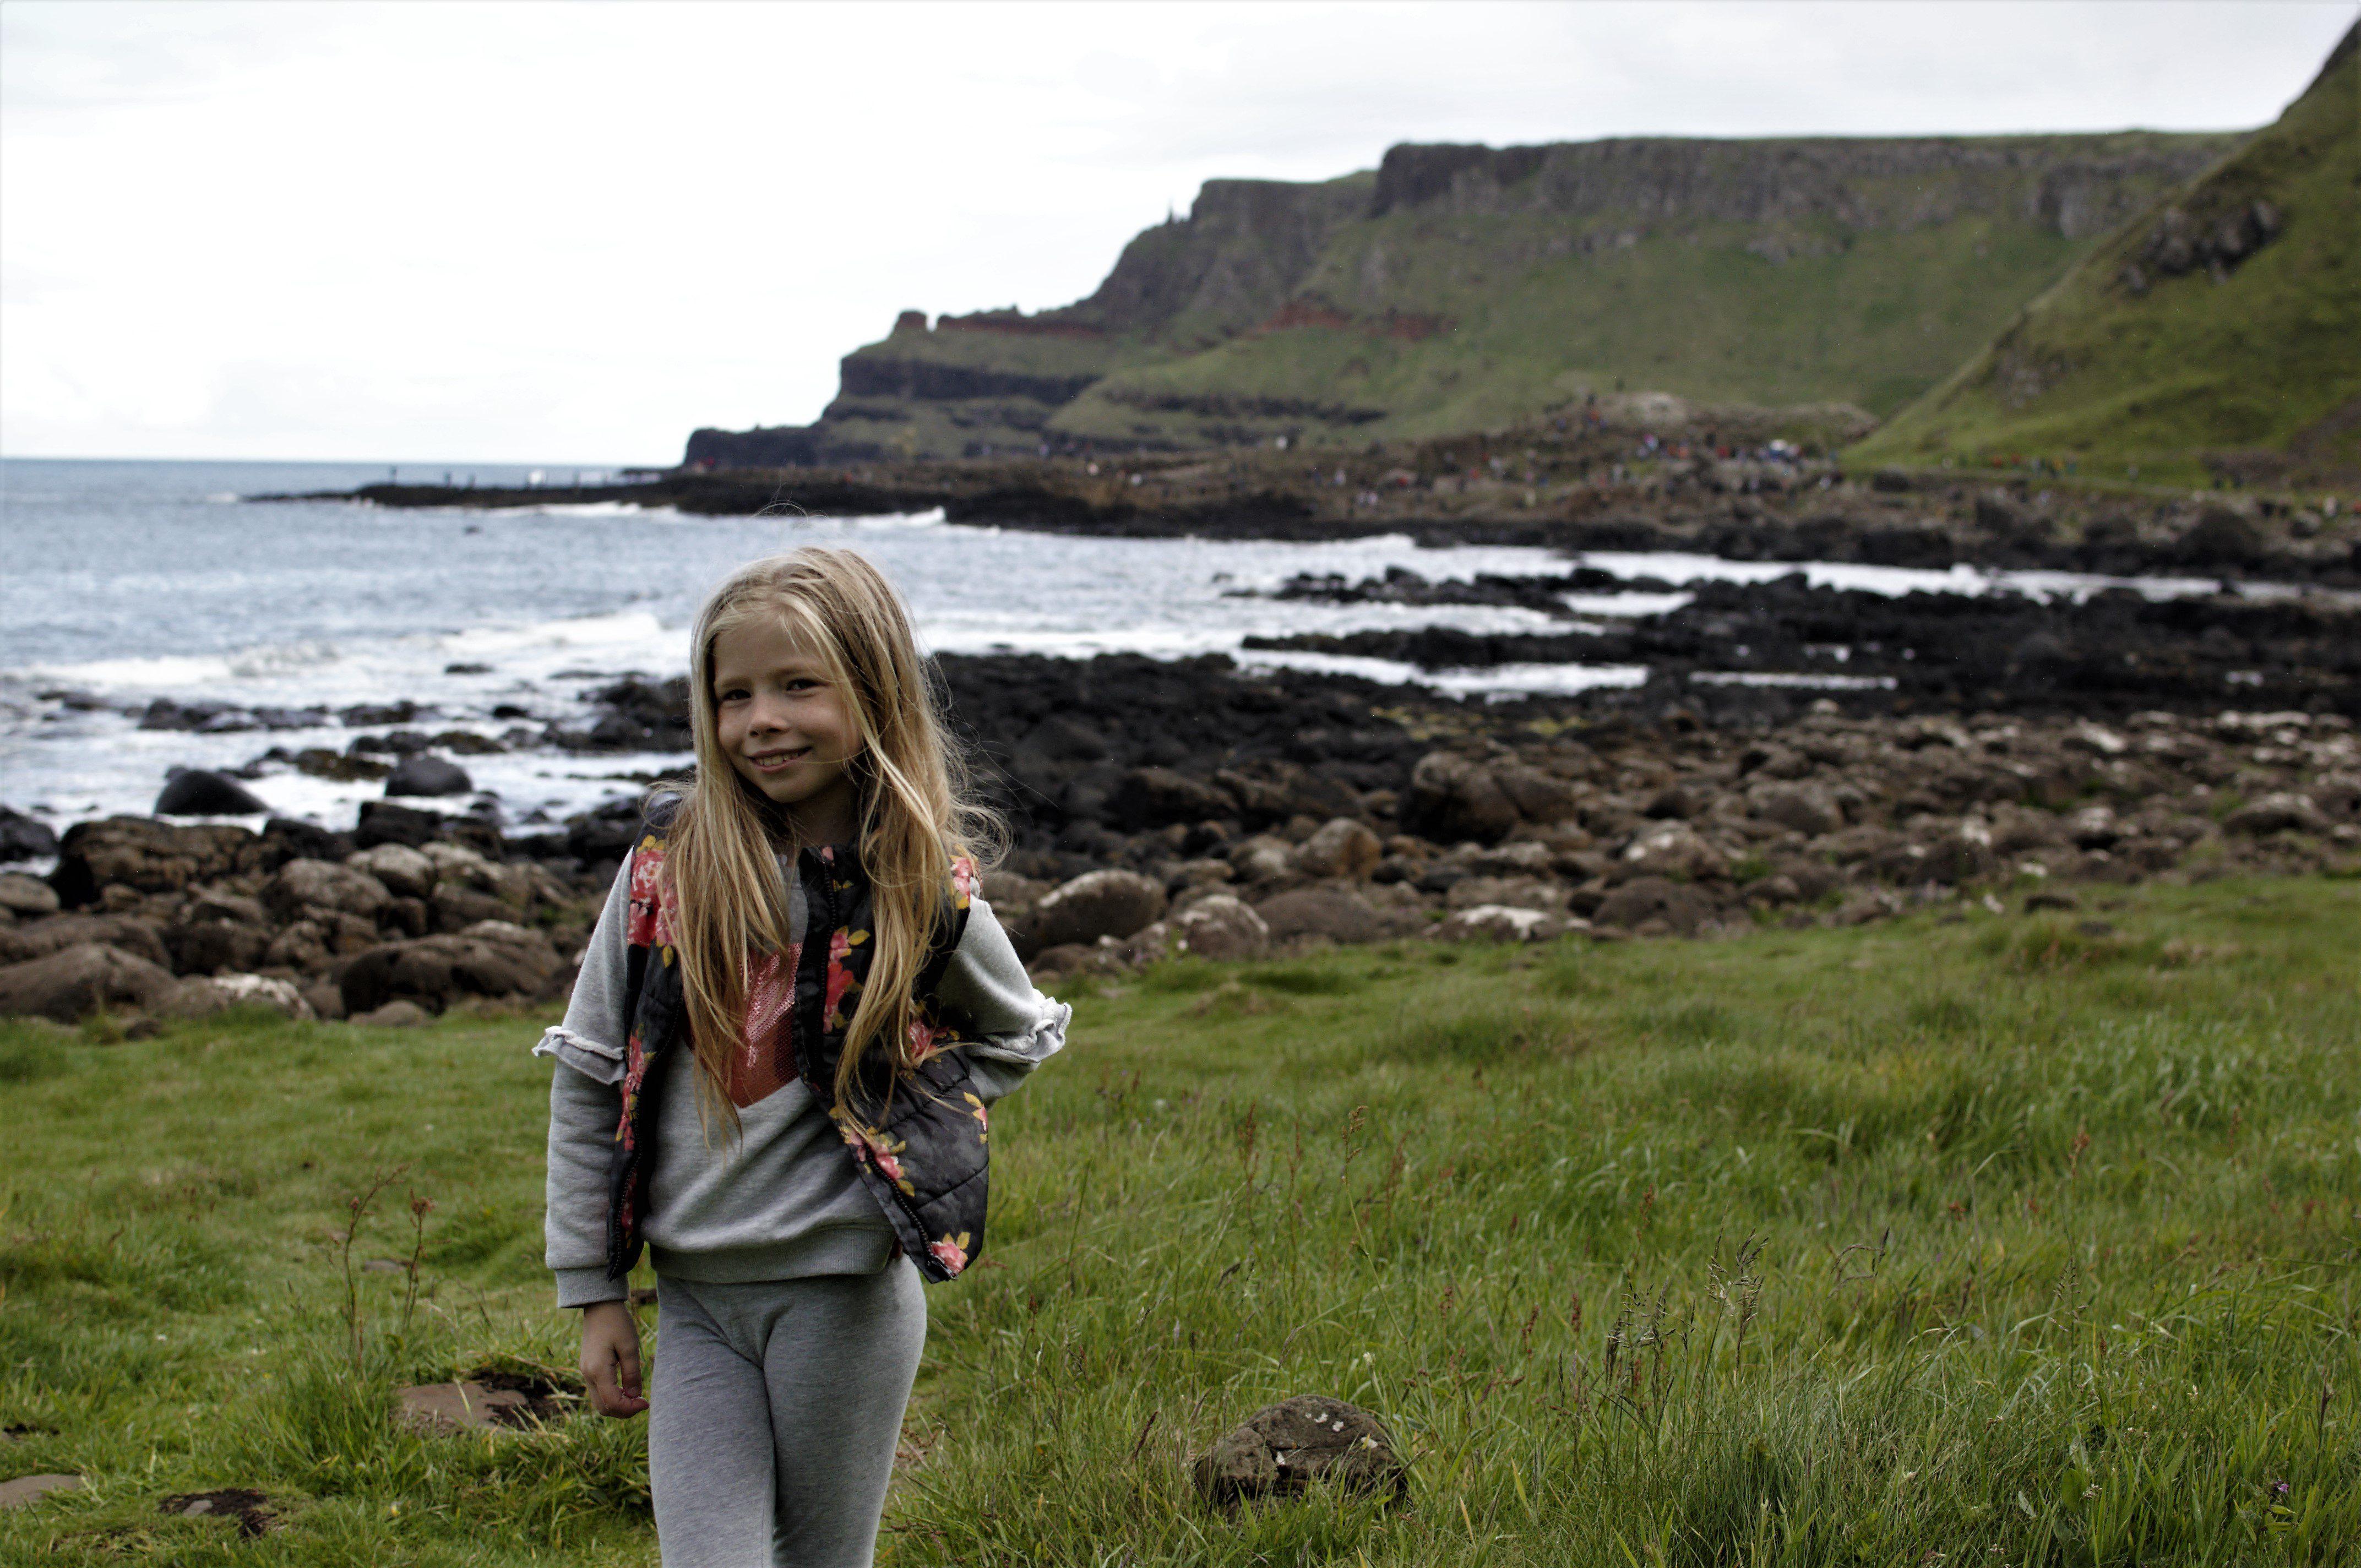 Irlandia Pónocna - to musisz zobaczyć